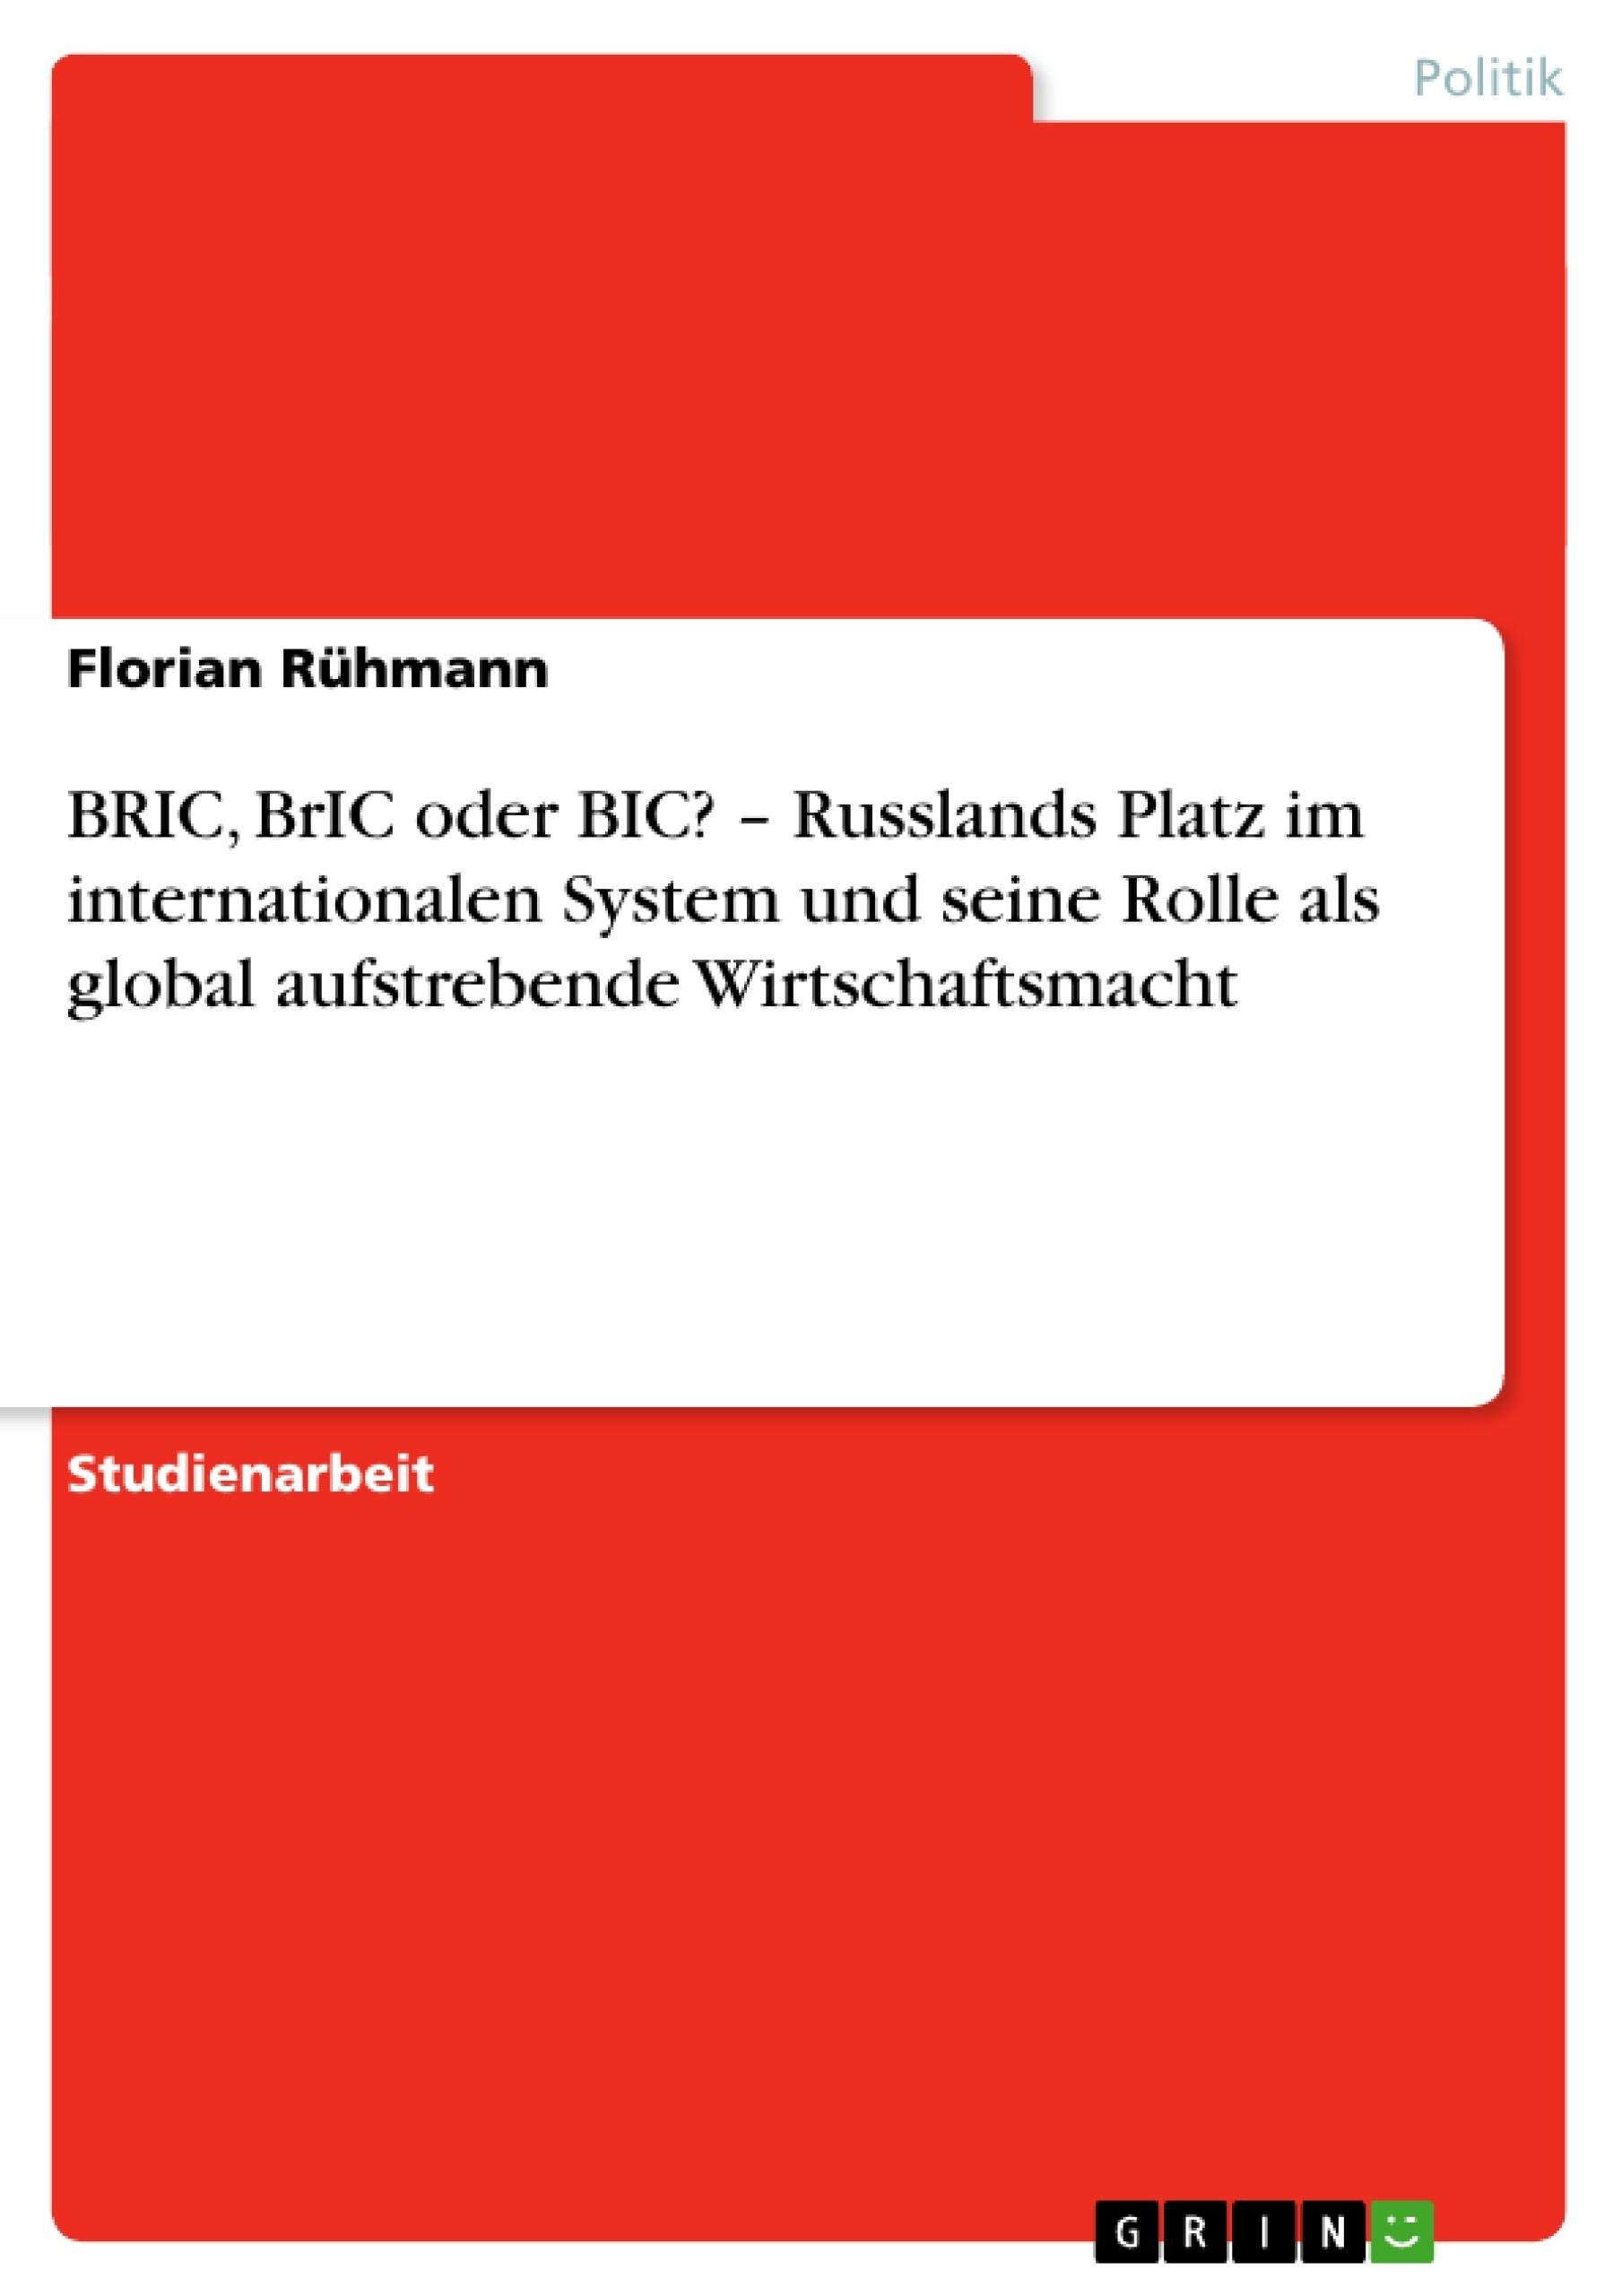 Titel: BRIC, BrIC oder BIC? – Russlands Platz im internationalen System und seine Rolle als global aufstrebende Wirtschaftsmacht